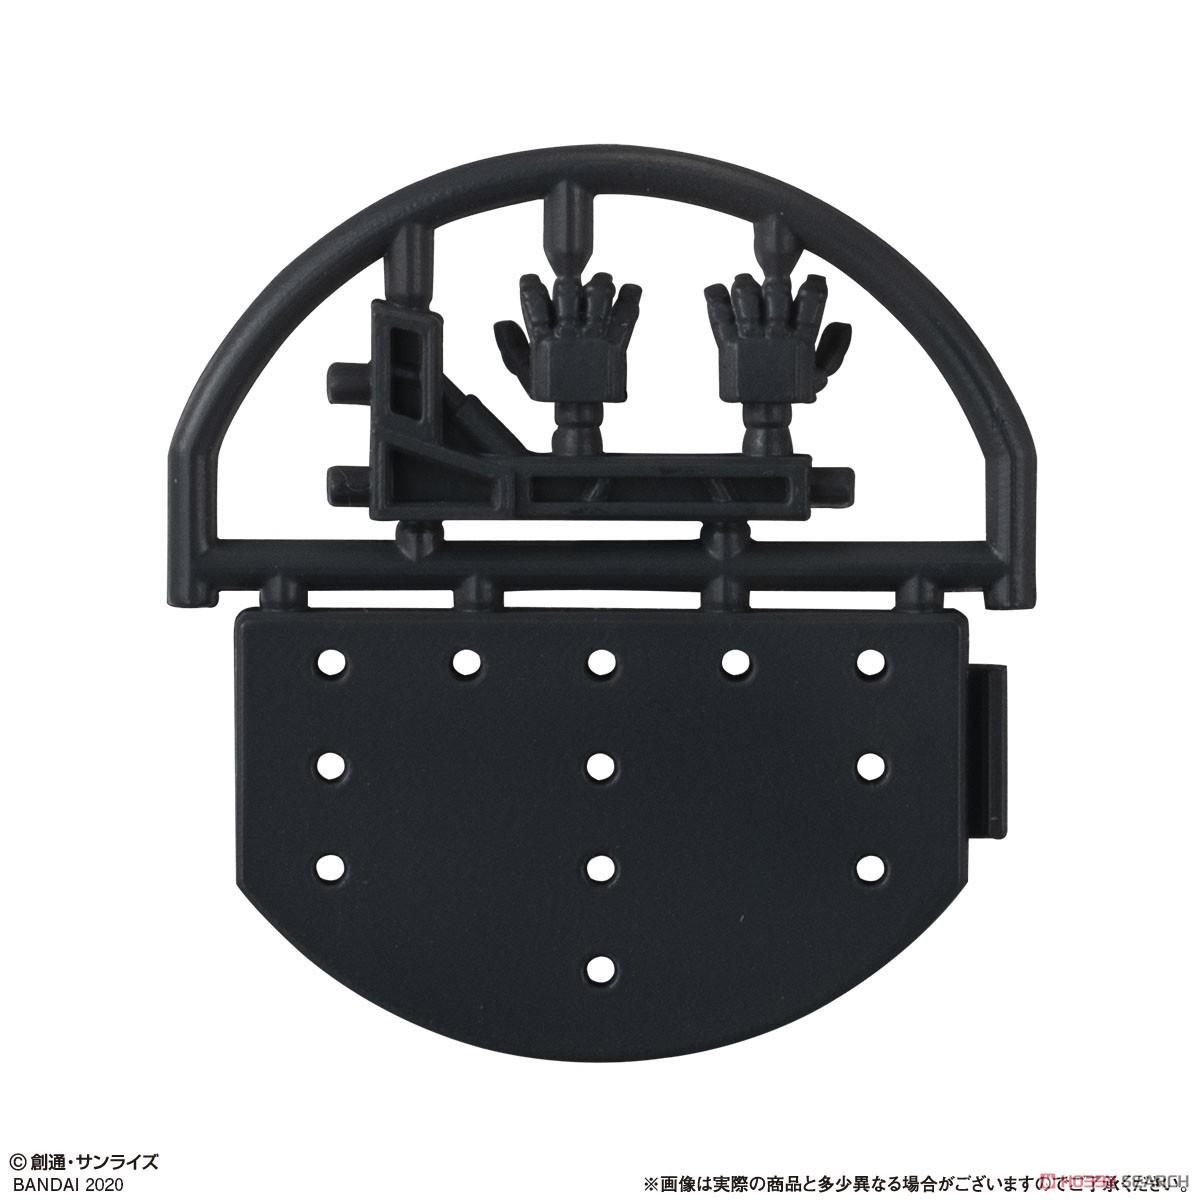 機動戦士ガンダム『ガシャポン戦士フォルテ11』12個入りBOX-009